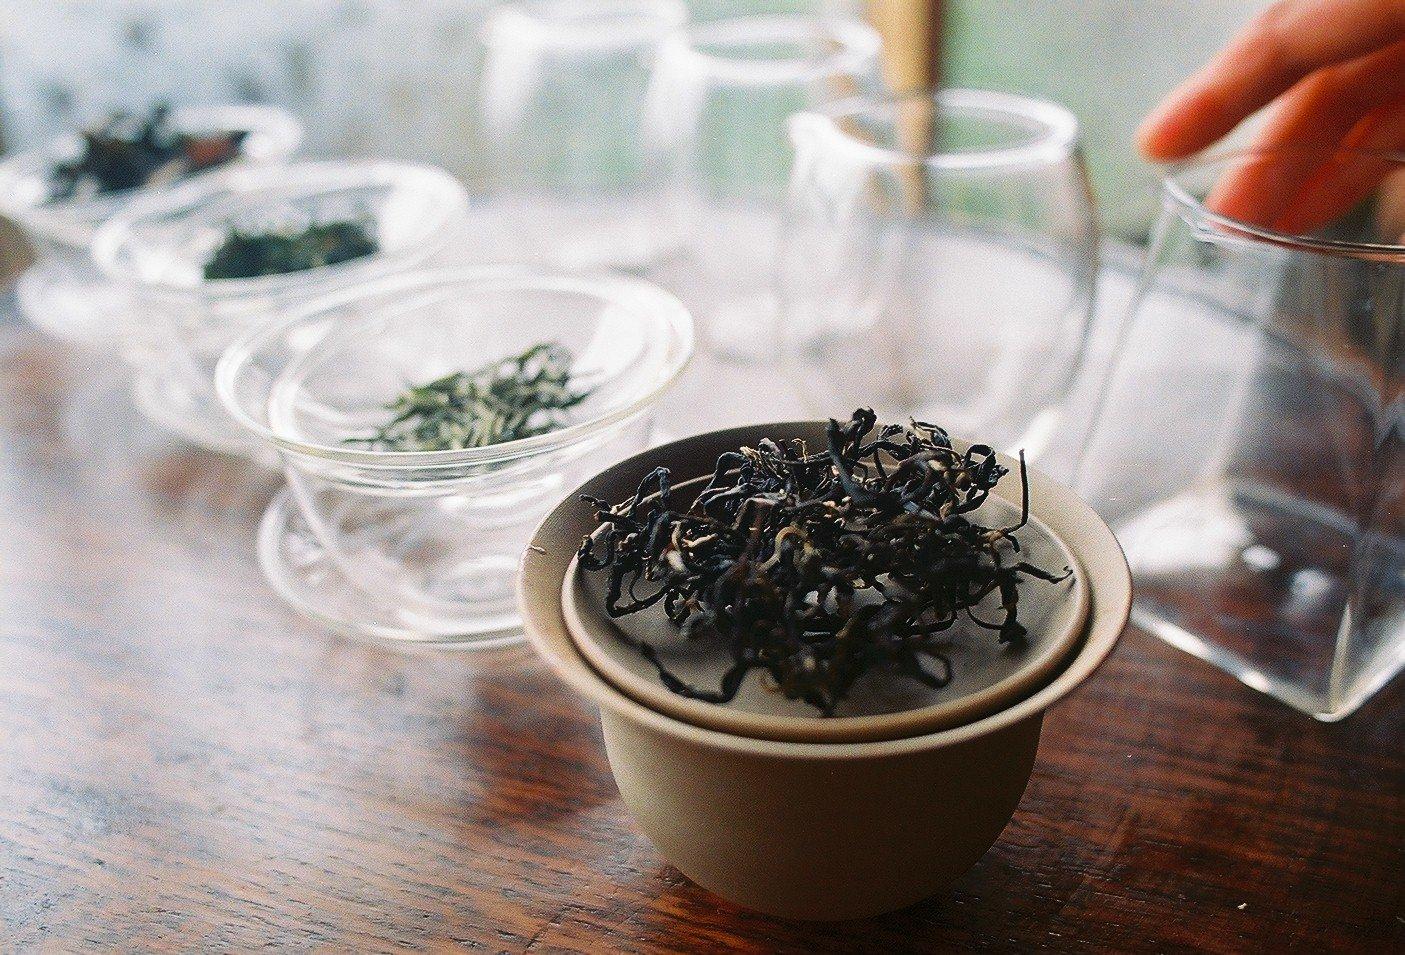 並ぶ茶器と茶葉